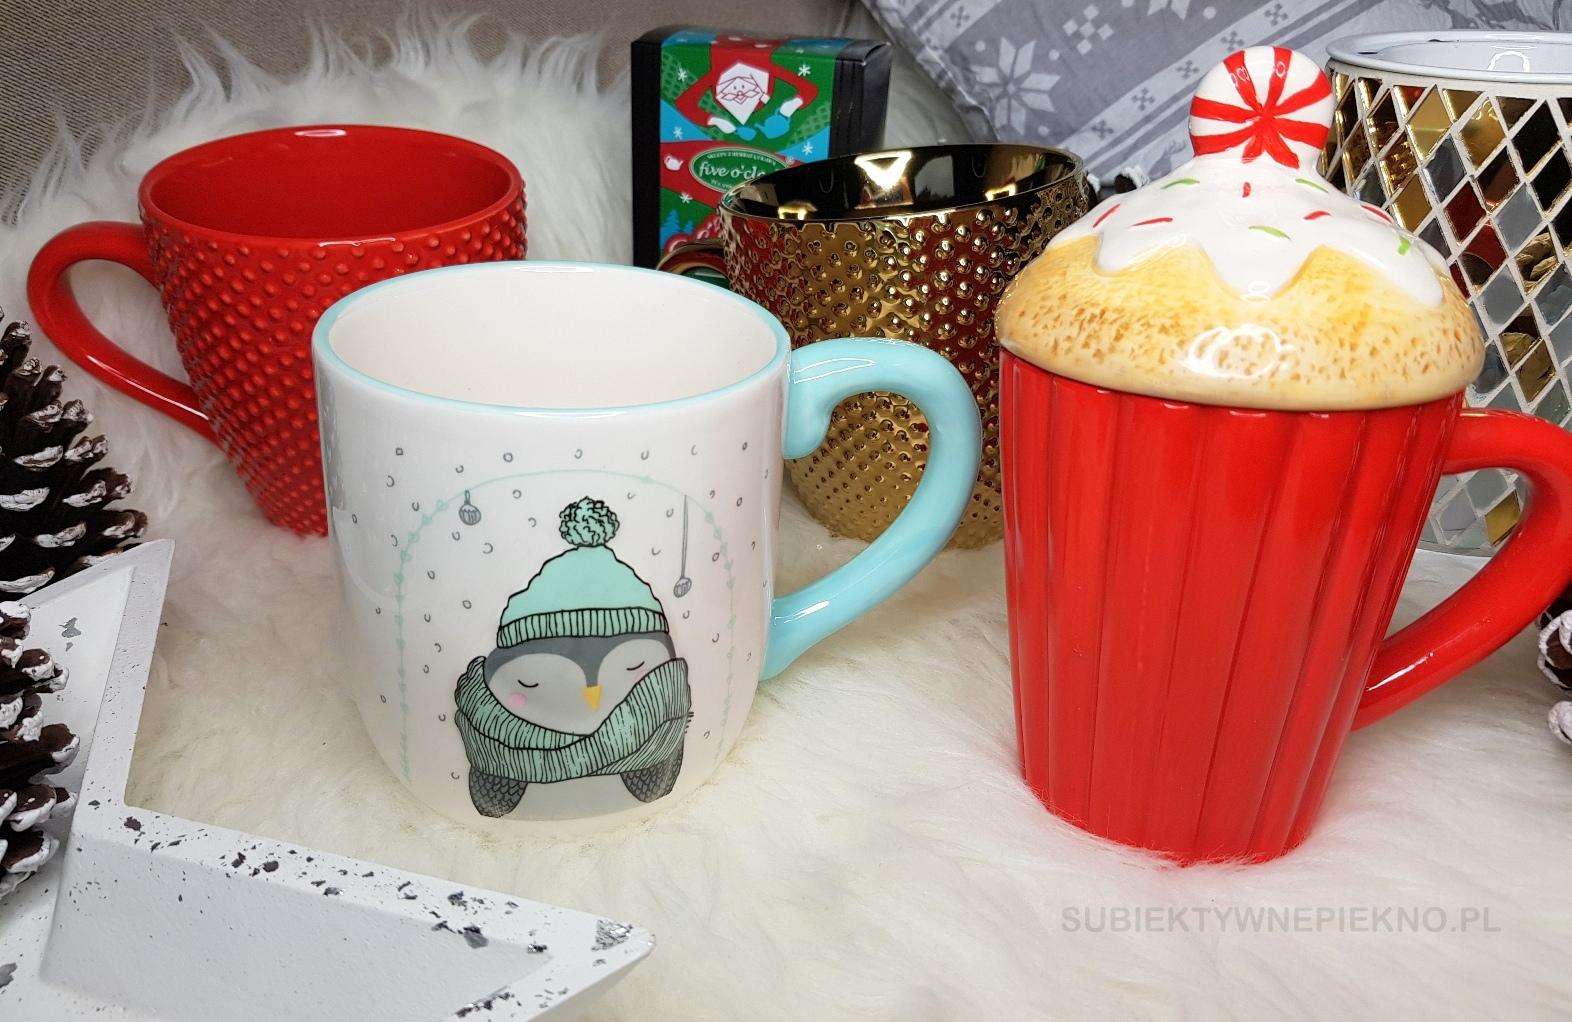 Pomysły na prezenty świąteczne do 100zł - kubki Home & You i herbata Five O'Clock